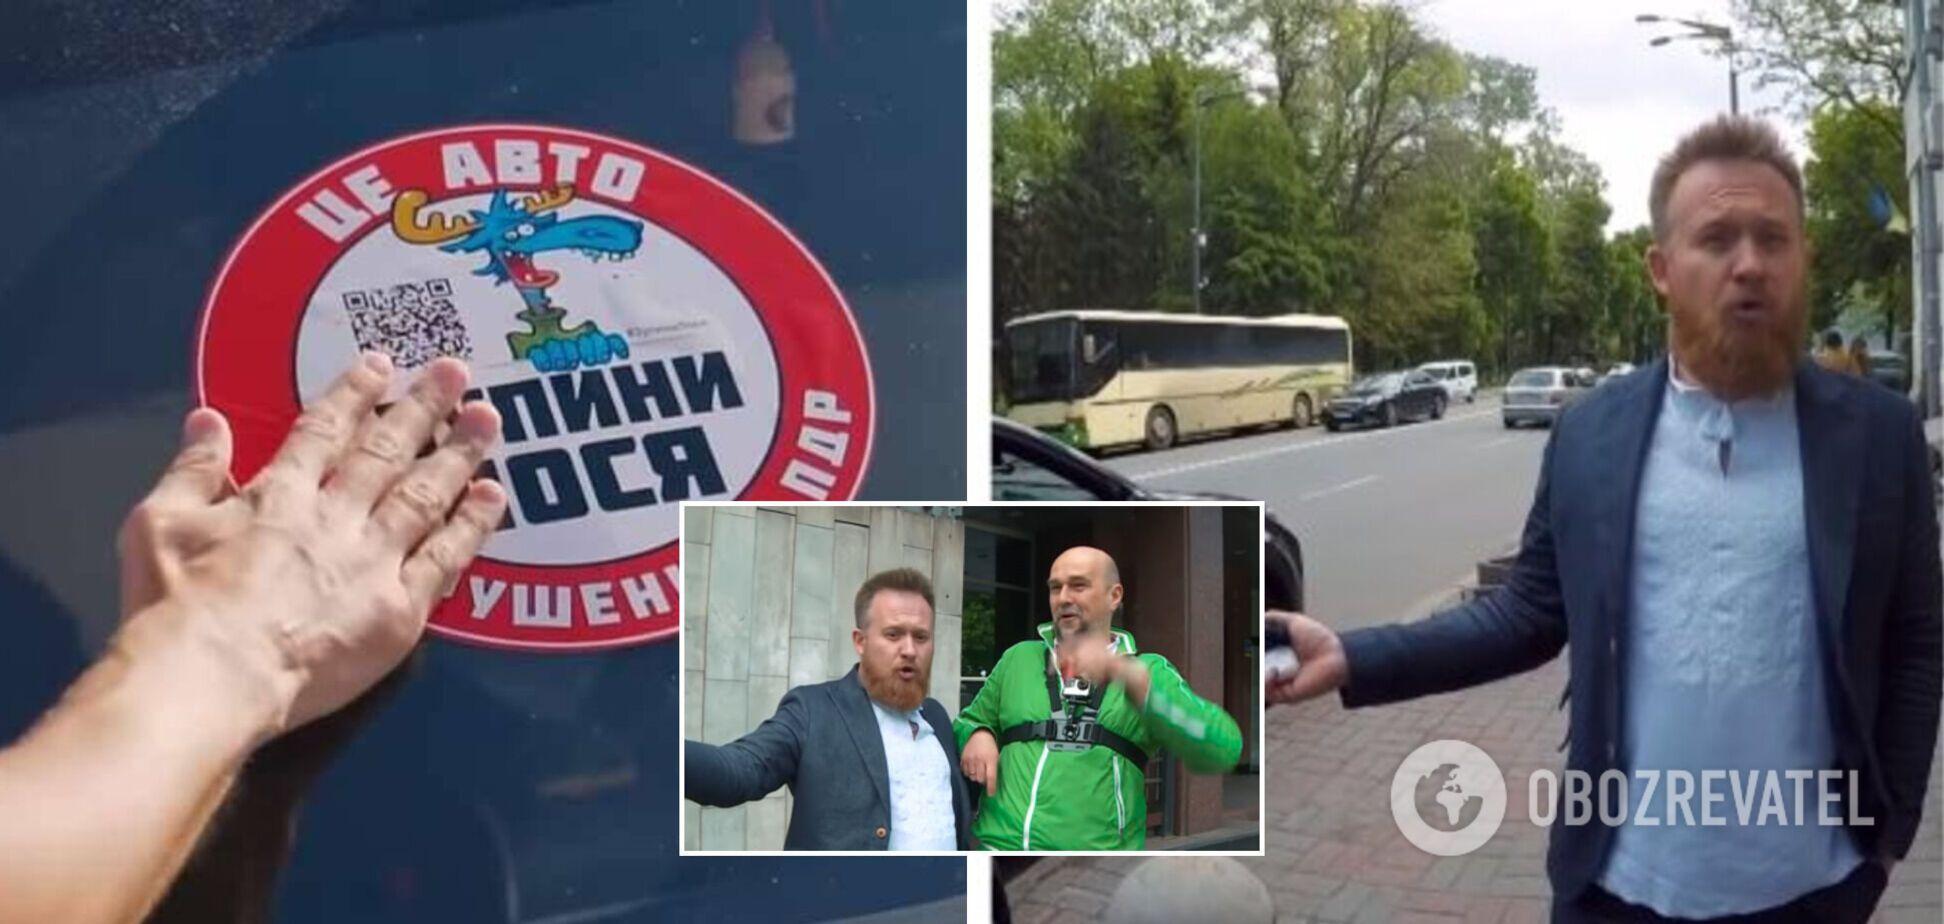 Камельчук попросив вибачення в журналістів 'Зупини лося'